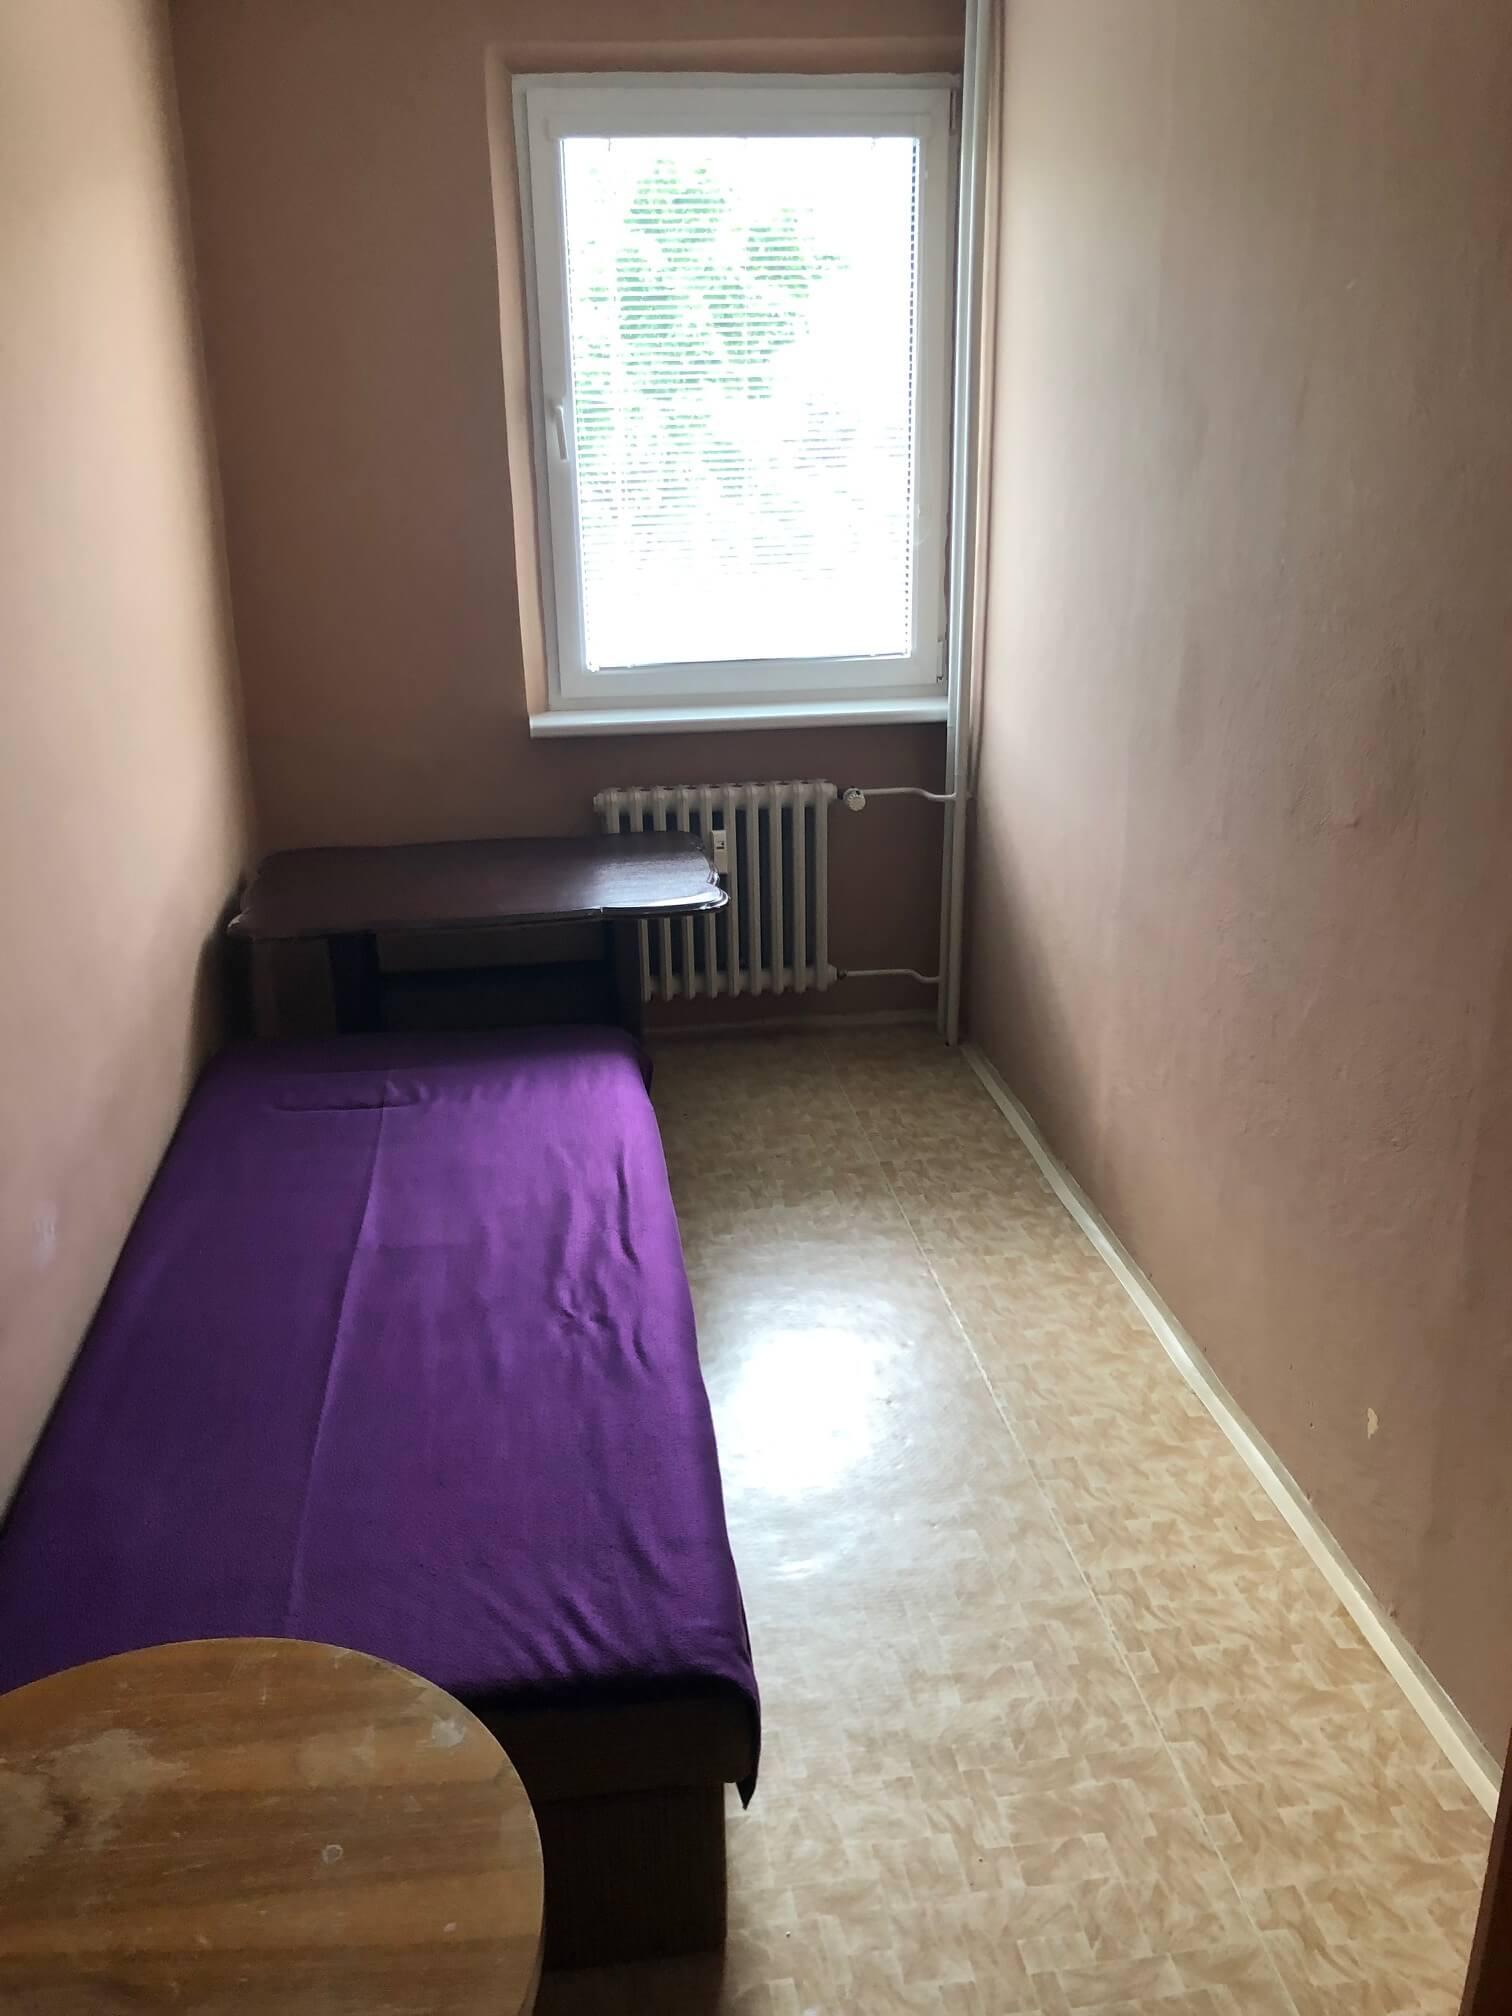 Prenajatý: 3 izbový byt, Račianska 85, 63m2, balkon 10m2, výborná lokalita-44